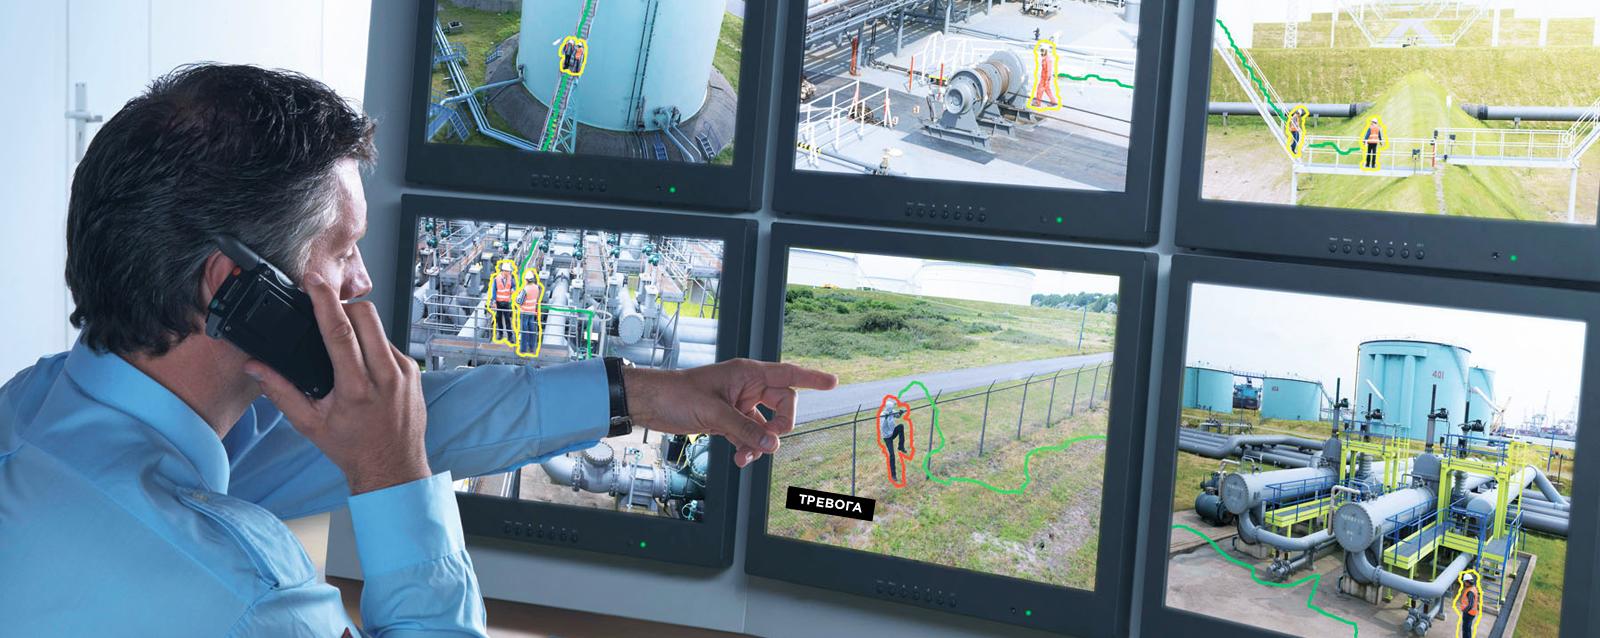 охранная сигнализация с датчиком движения в работе